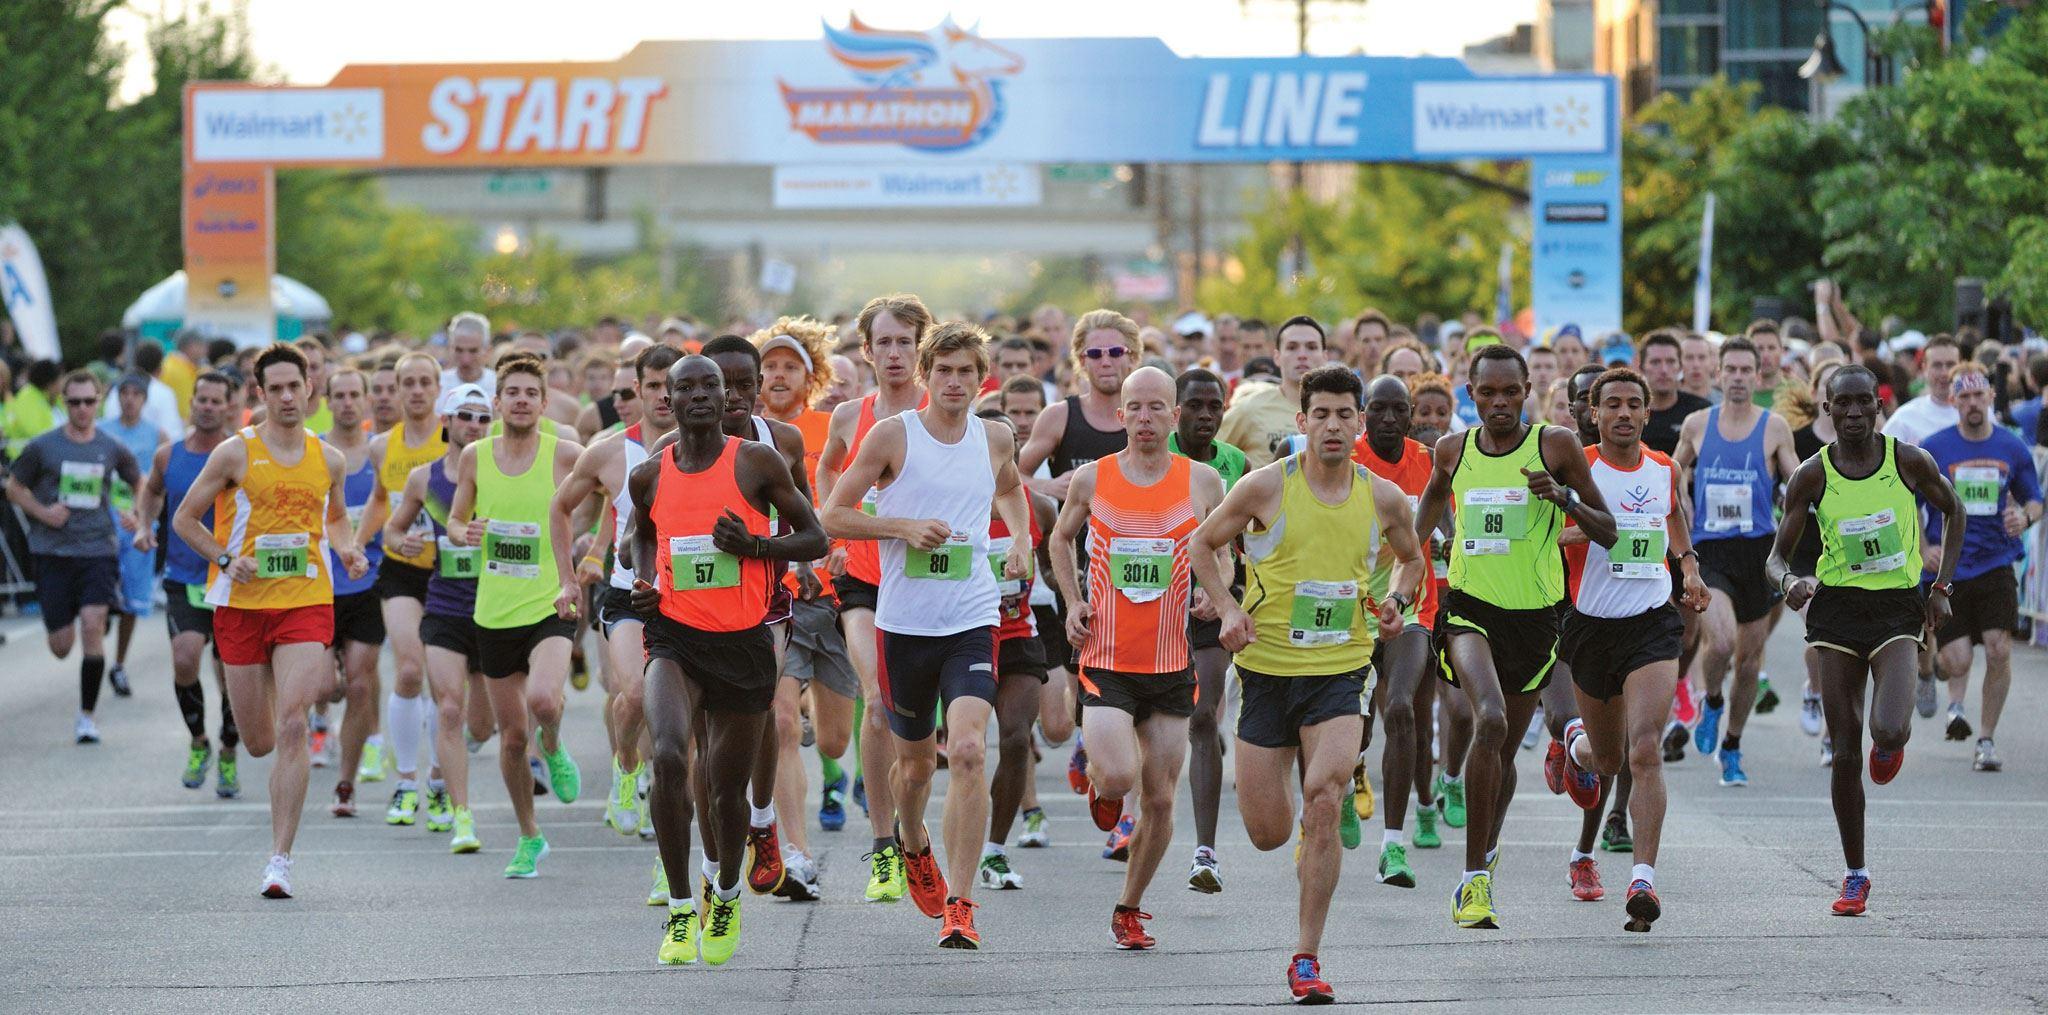 kentucky derby marathon